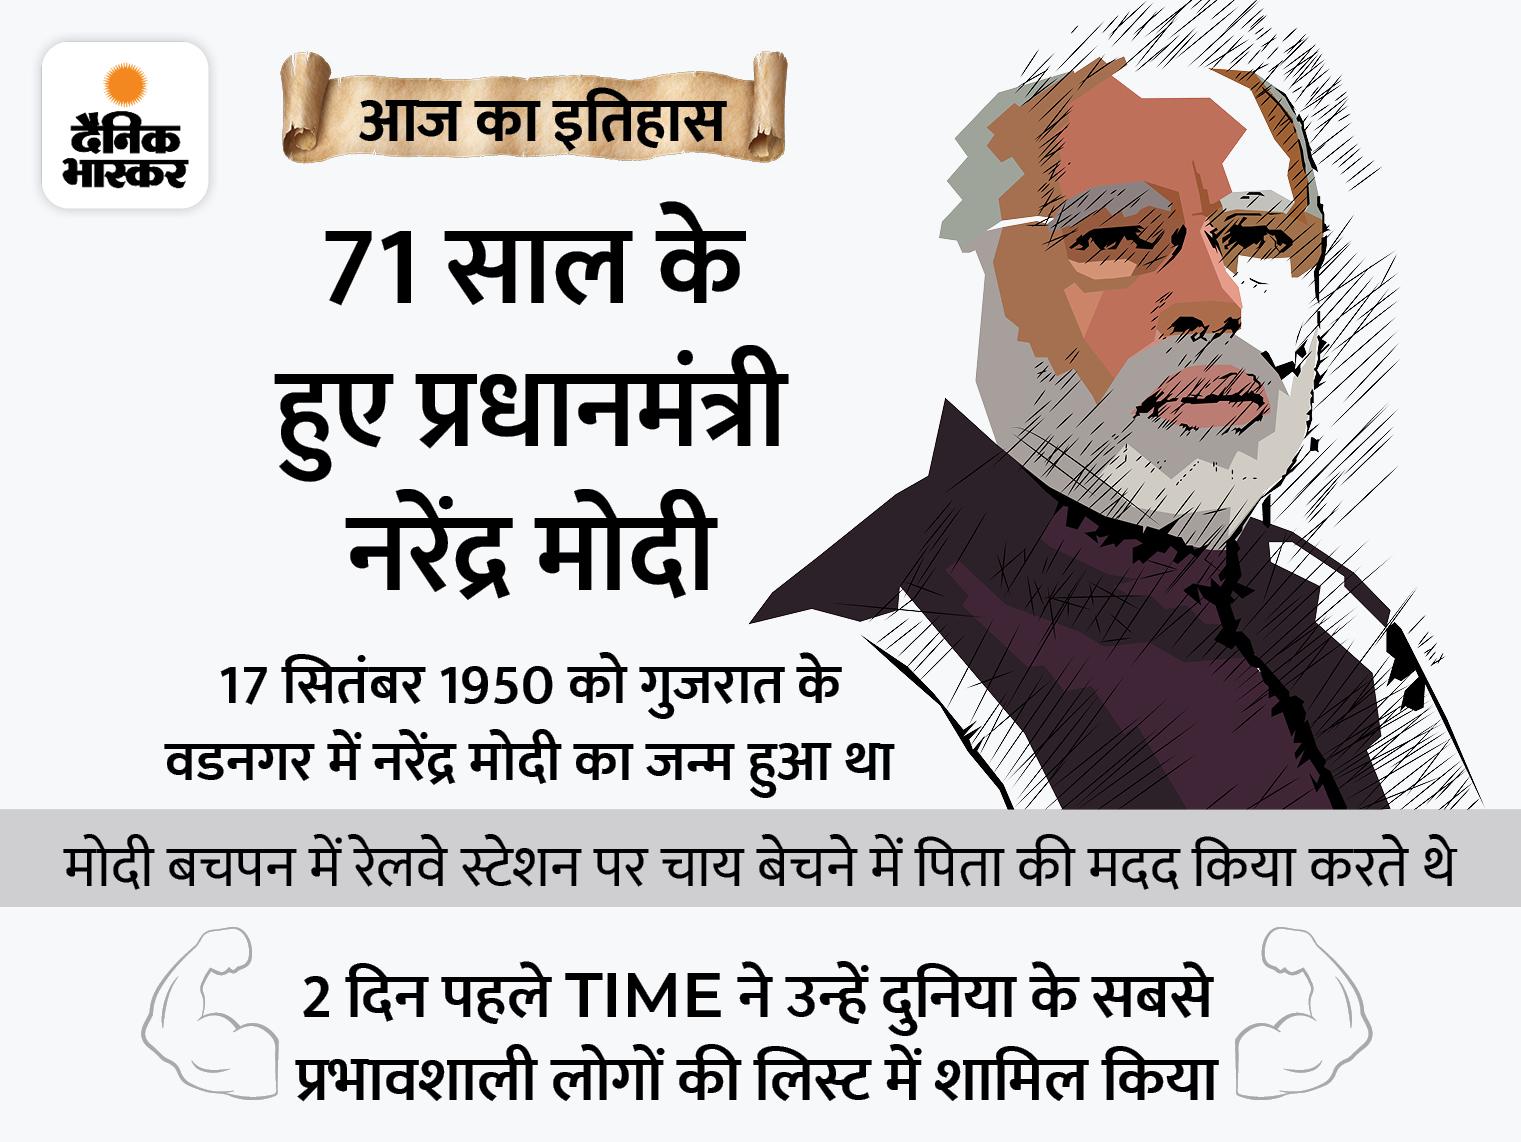 आजाद भारत में जन्म लेने वाले देश के पहले प्रधानमंत्री मोदी का आज जन्मदिन,BJP में आने के 16 साल बाद CM और 29 साल बाद PM बने|देश,National - Dainik Bhaskar